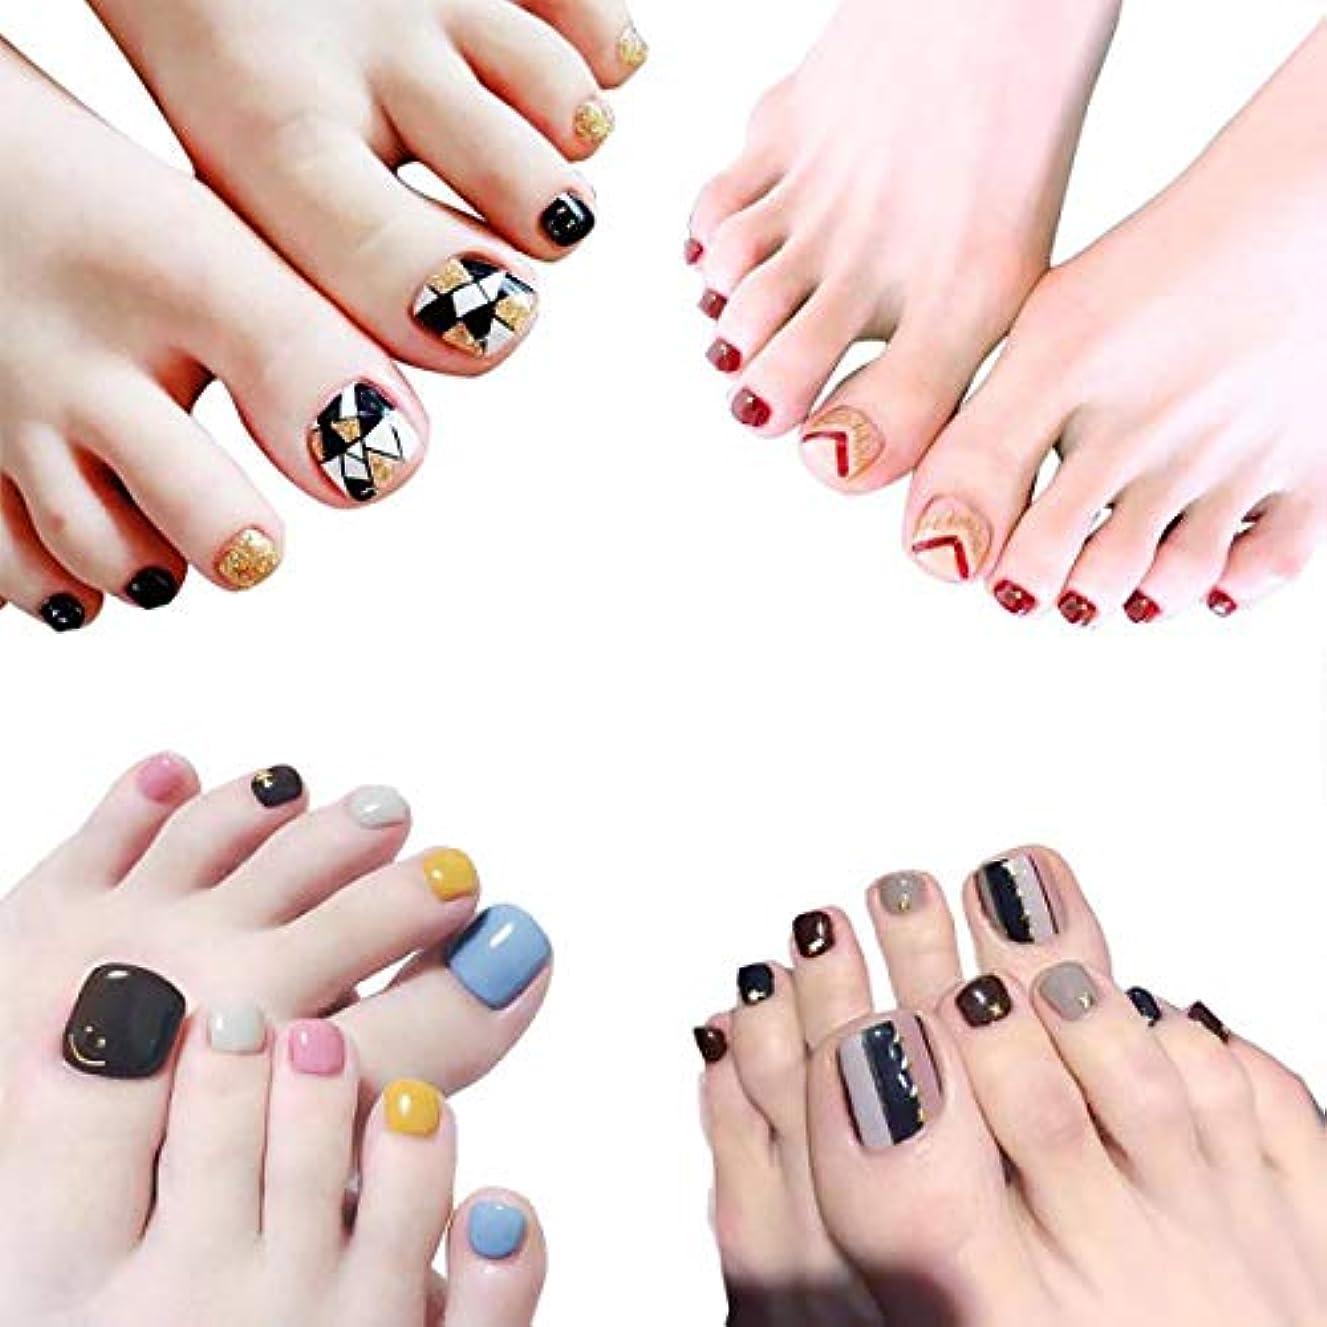 居心地の良い一般的に投資するネイルステッカー 足の爪 貼るだけマニキュア ネイルアート ネイルラップ ネイルアクセサリー女性 レディースプレゼント ギフト 可愛い 人気 おしゃれな上級ネイルシール-4枚